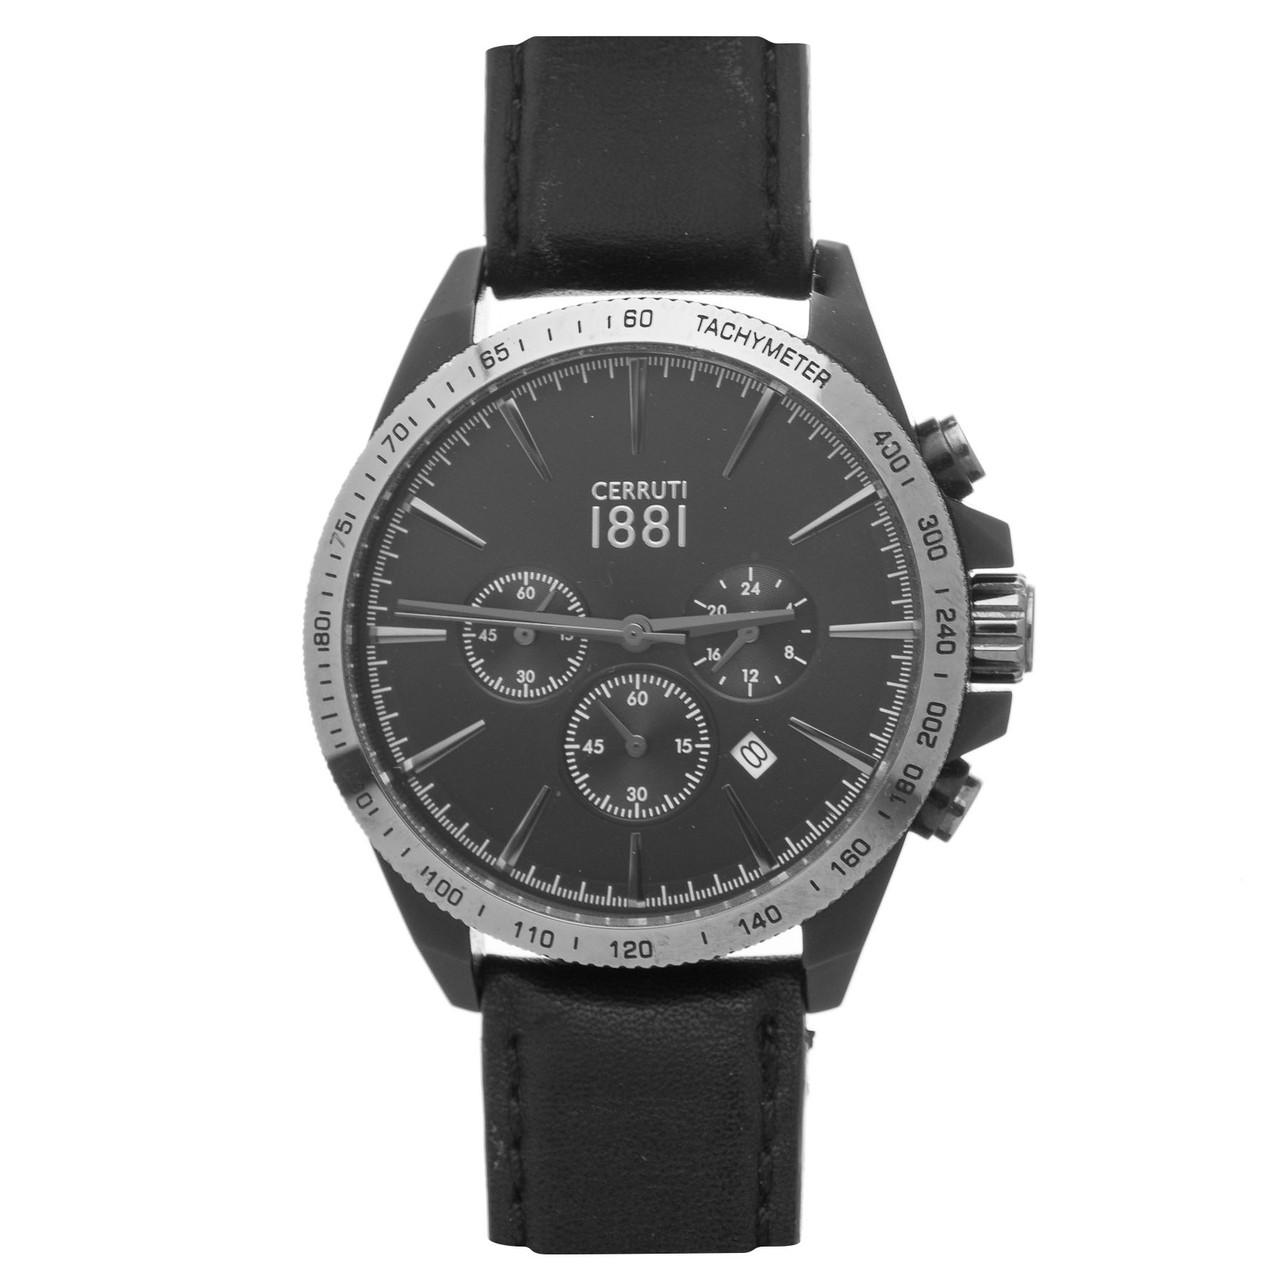 Чоловічий годинник Cerruti 1881 Black Leather Б/У